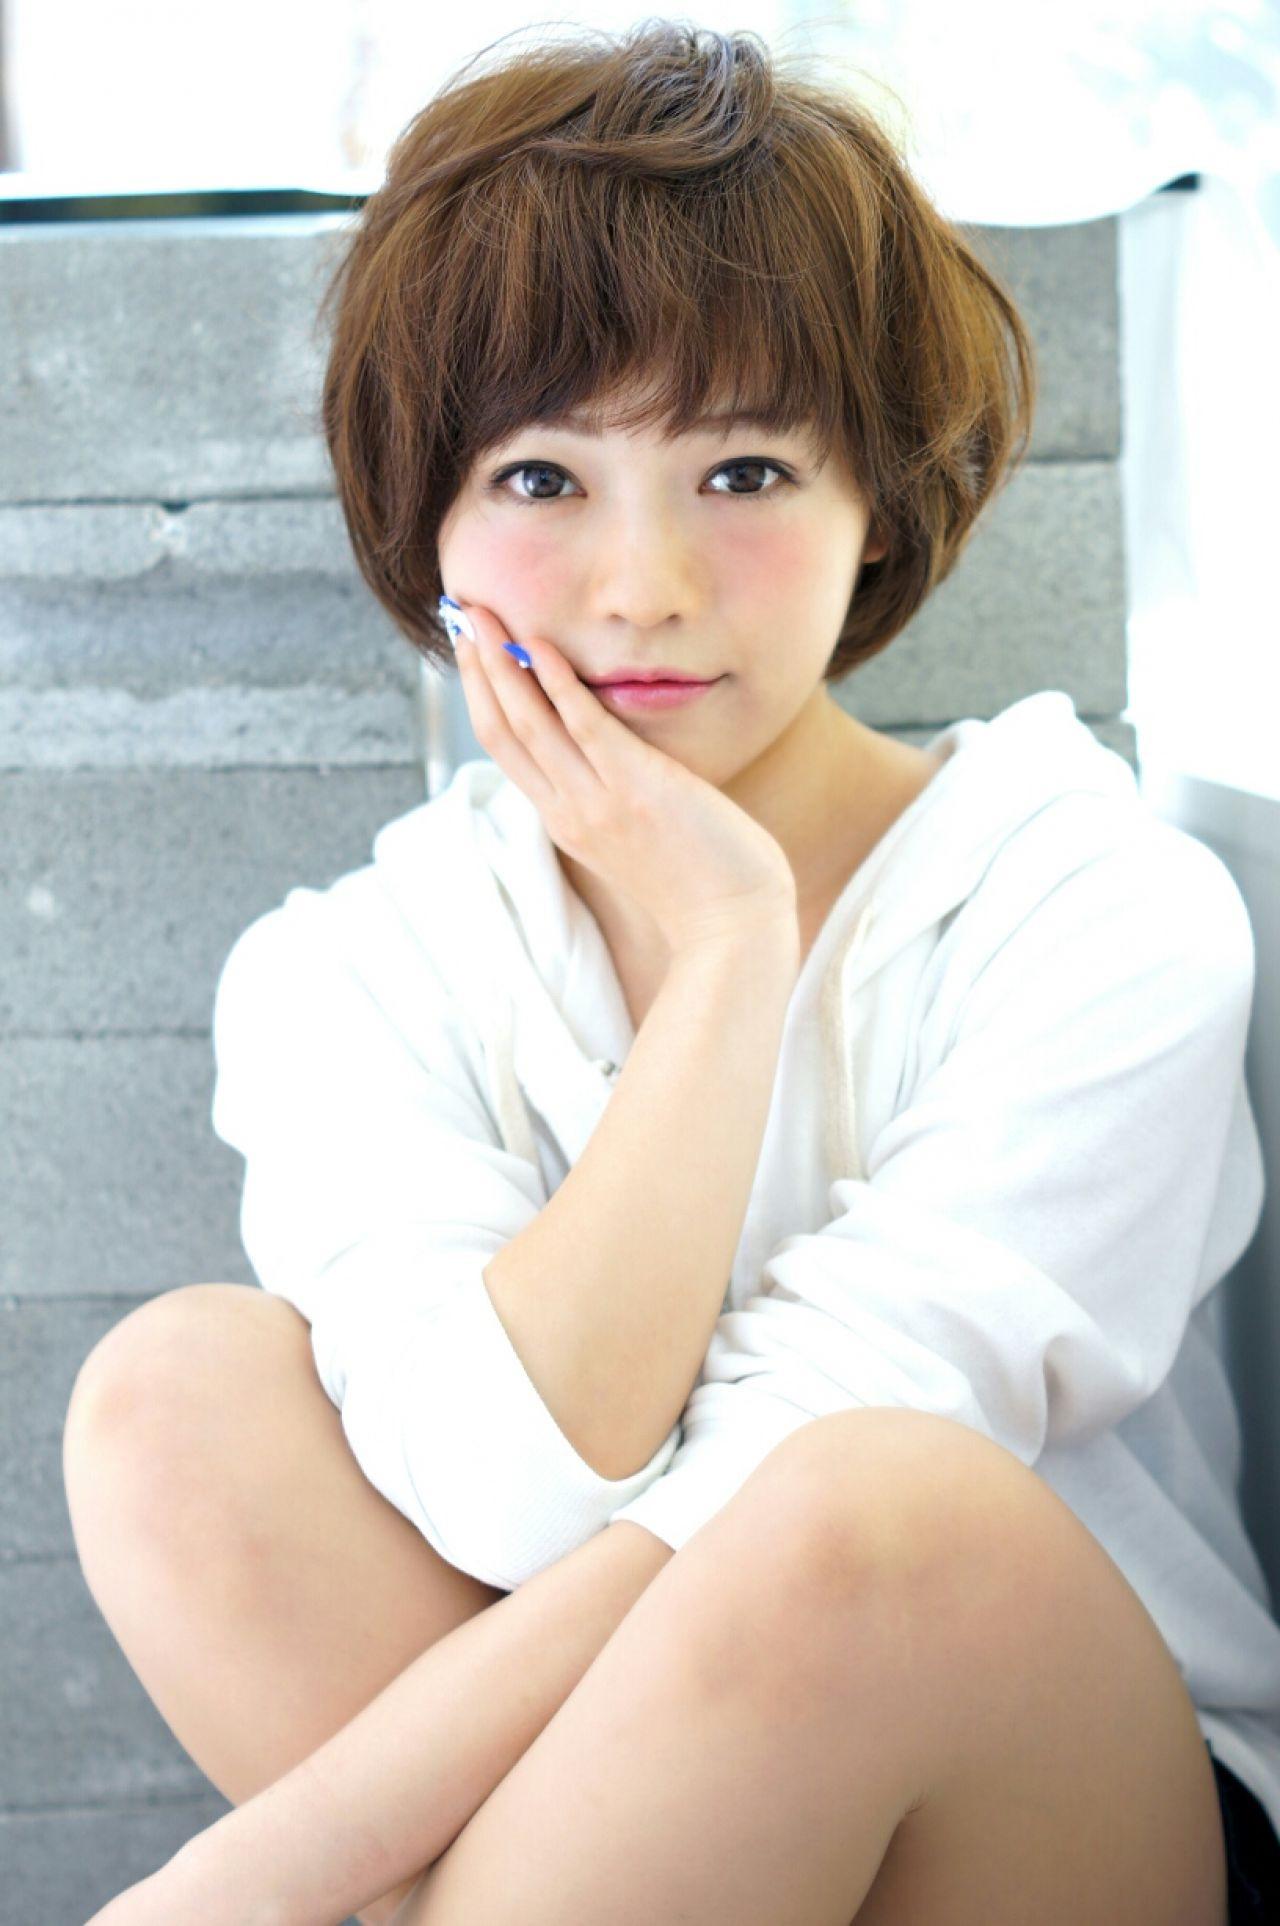 目力たっぷり♡甘いフェイスの厚め前髪ヘア Ciel Hairdesign 代表 今田 亮